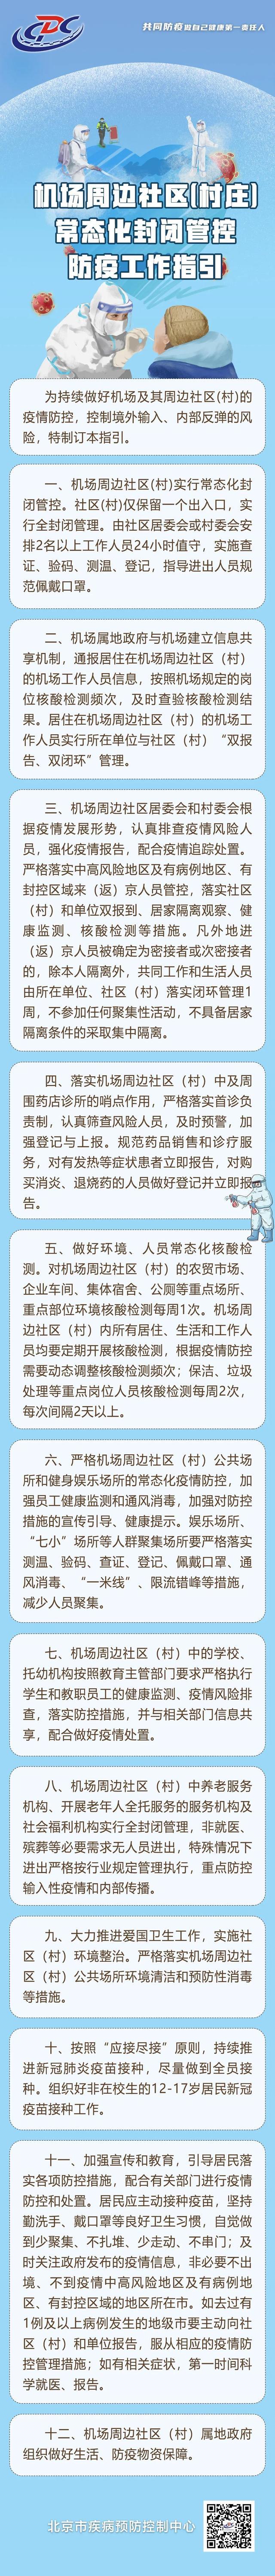 北京疾控:机场周边社区(村)实行常态化封闭管控